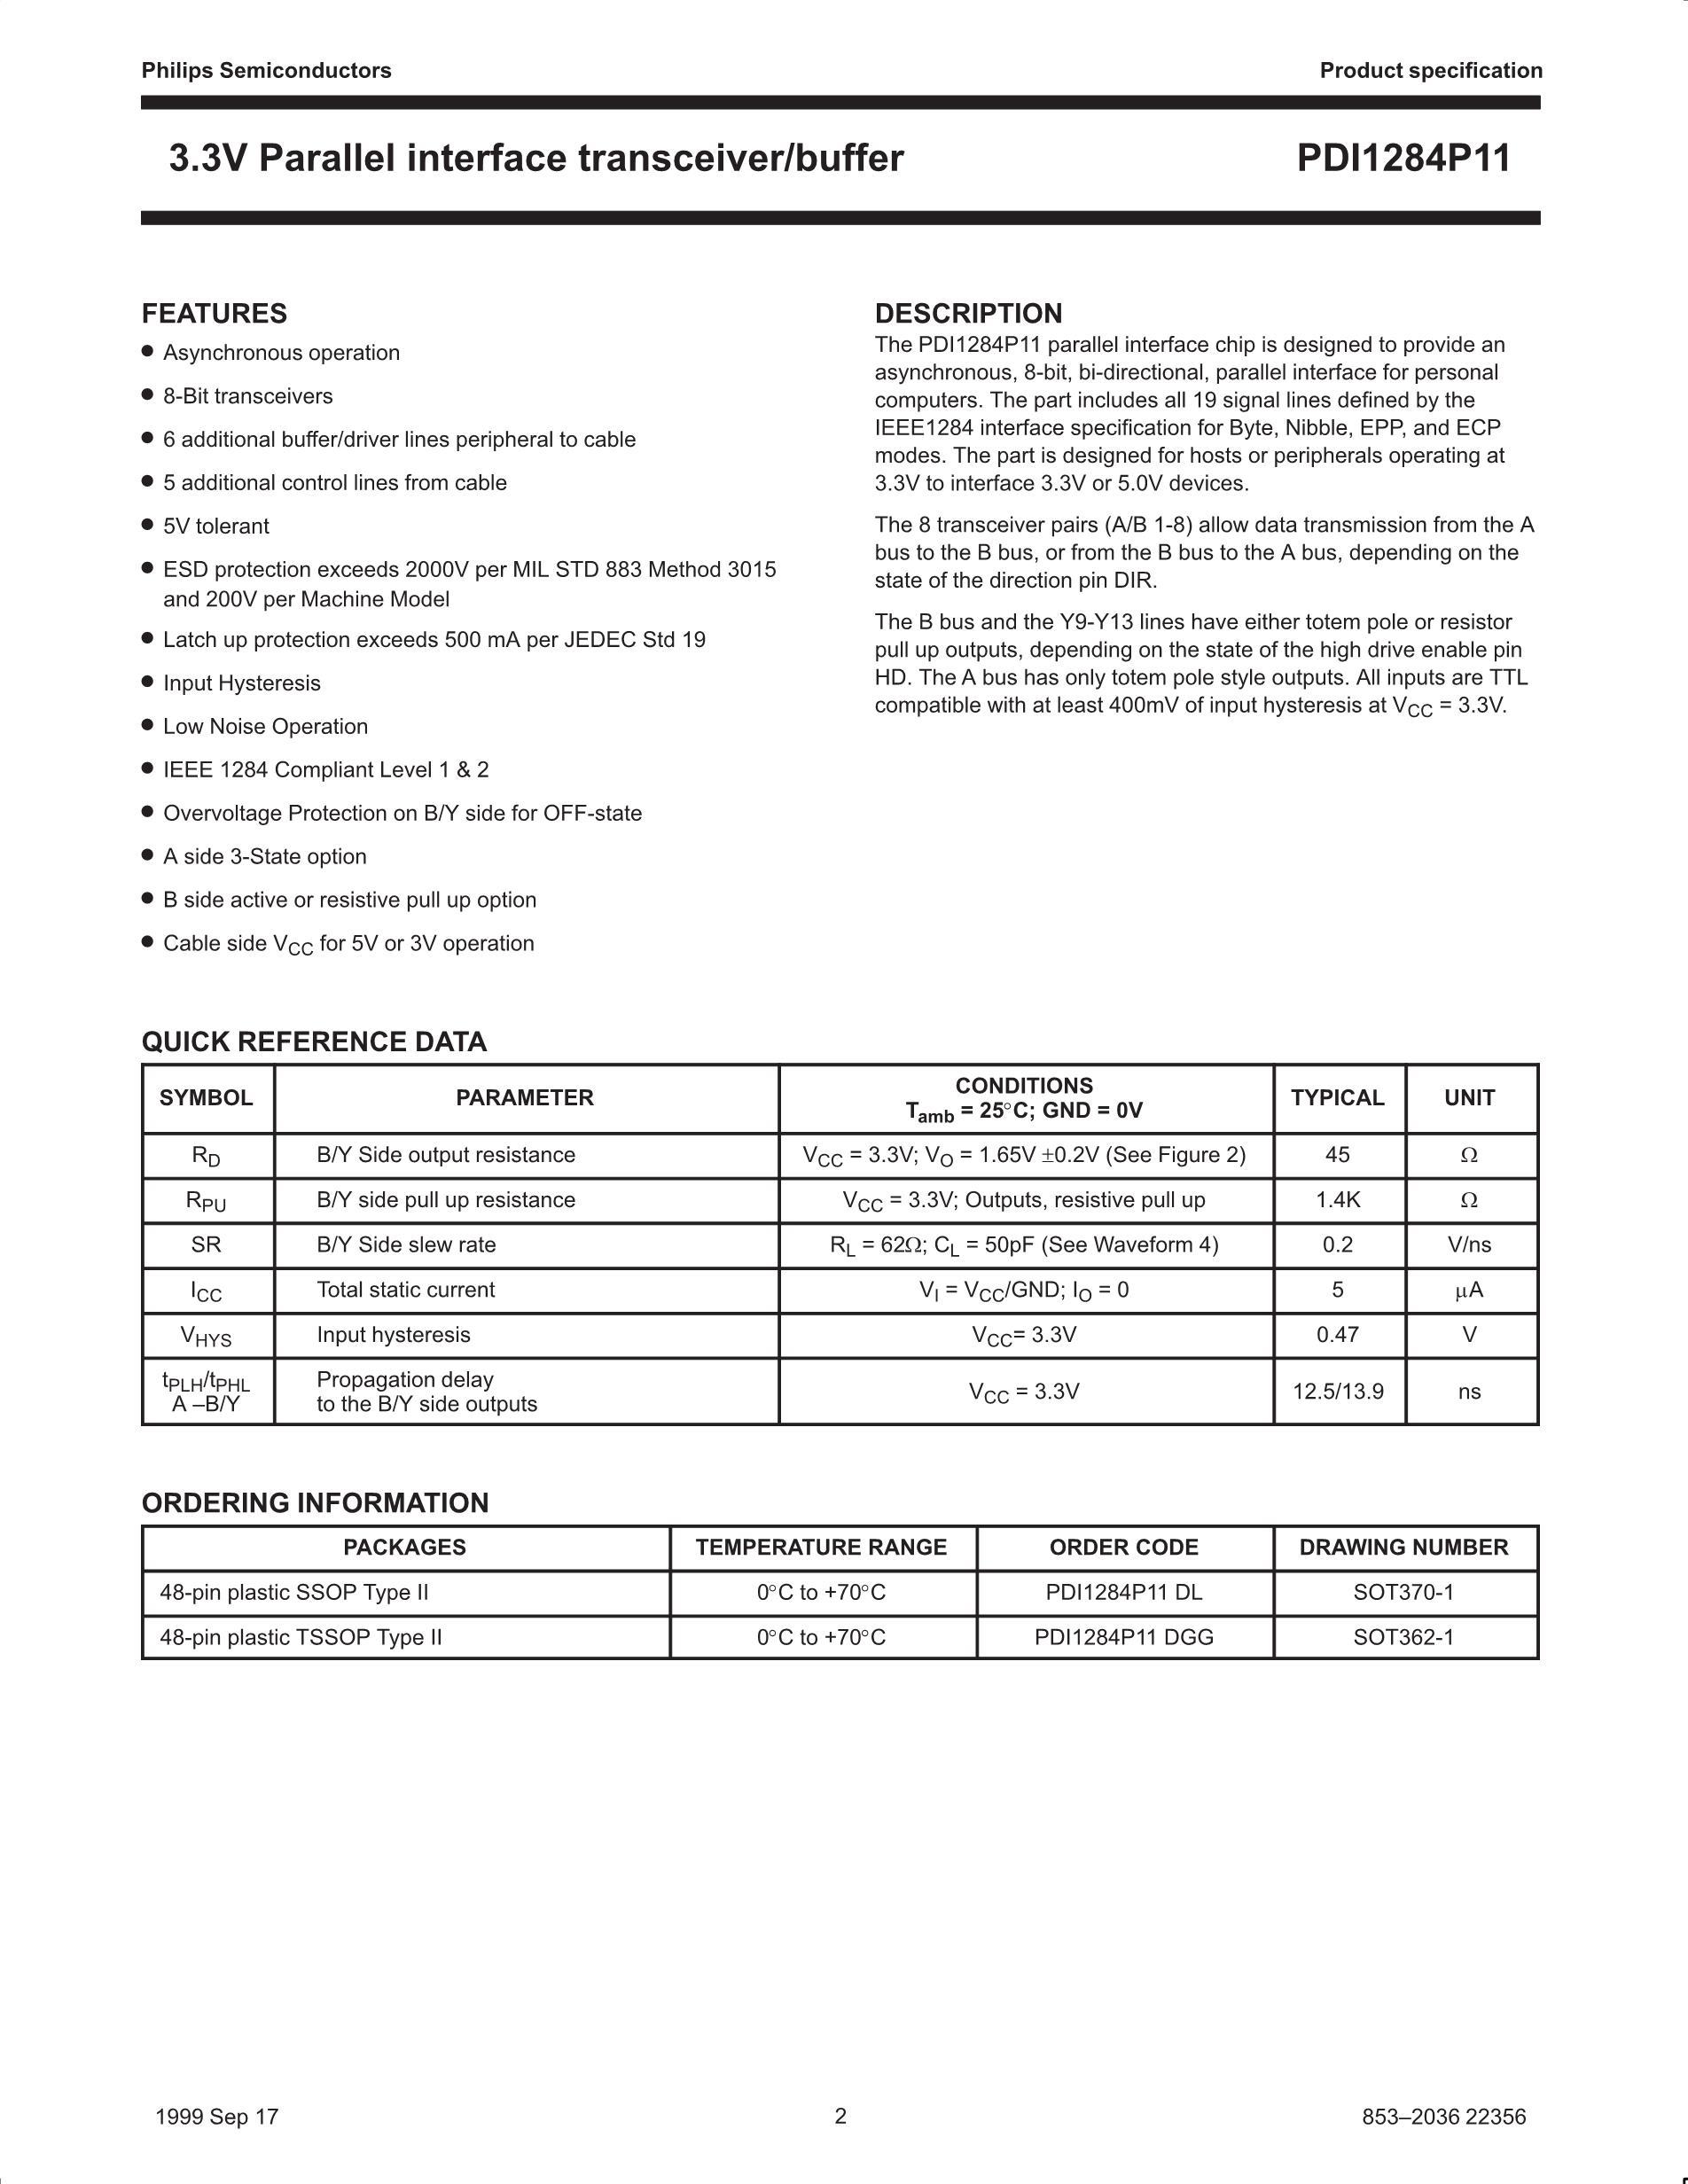 PDI1284P11DGG's pdf picture 2